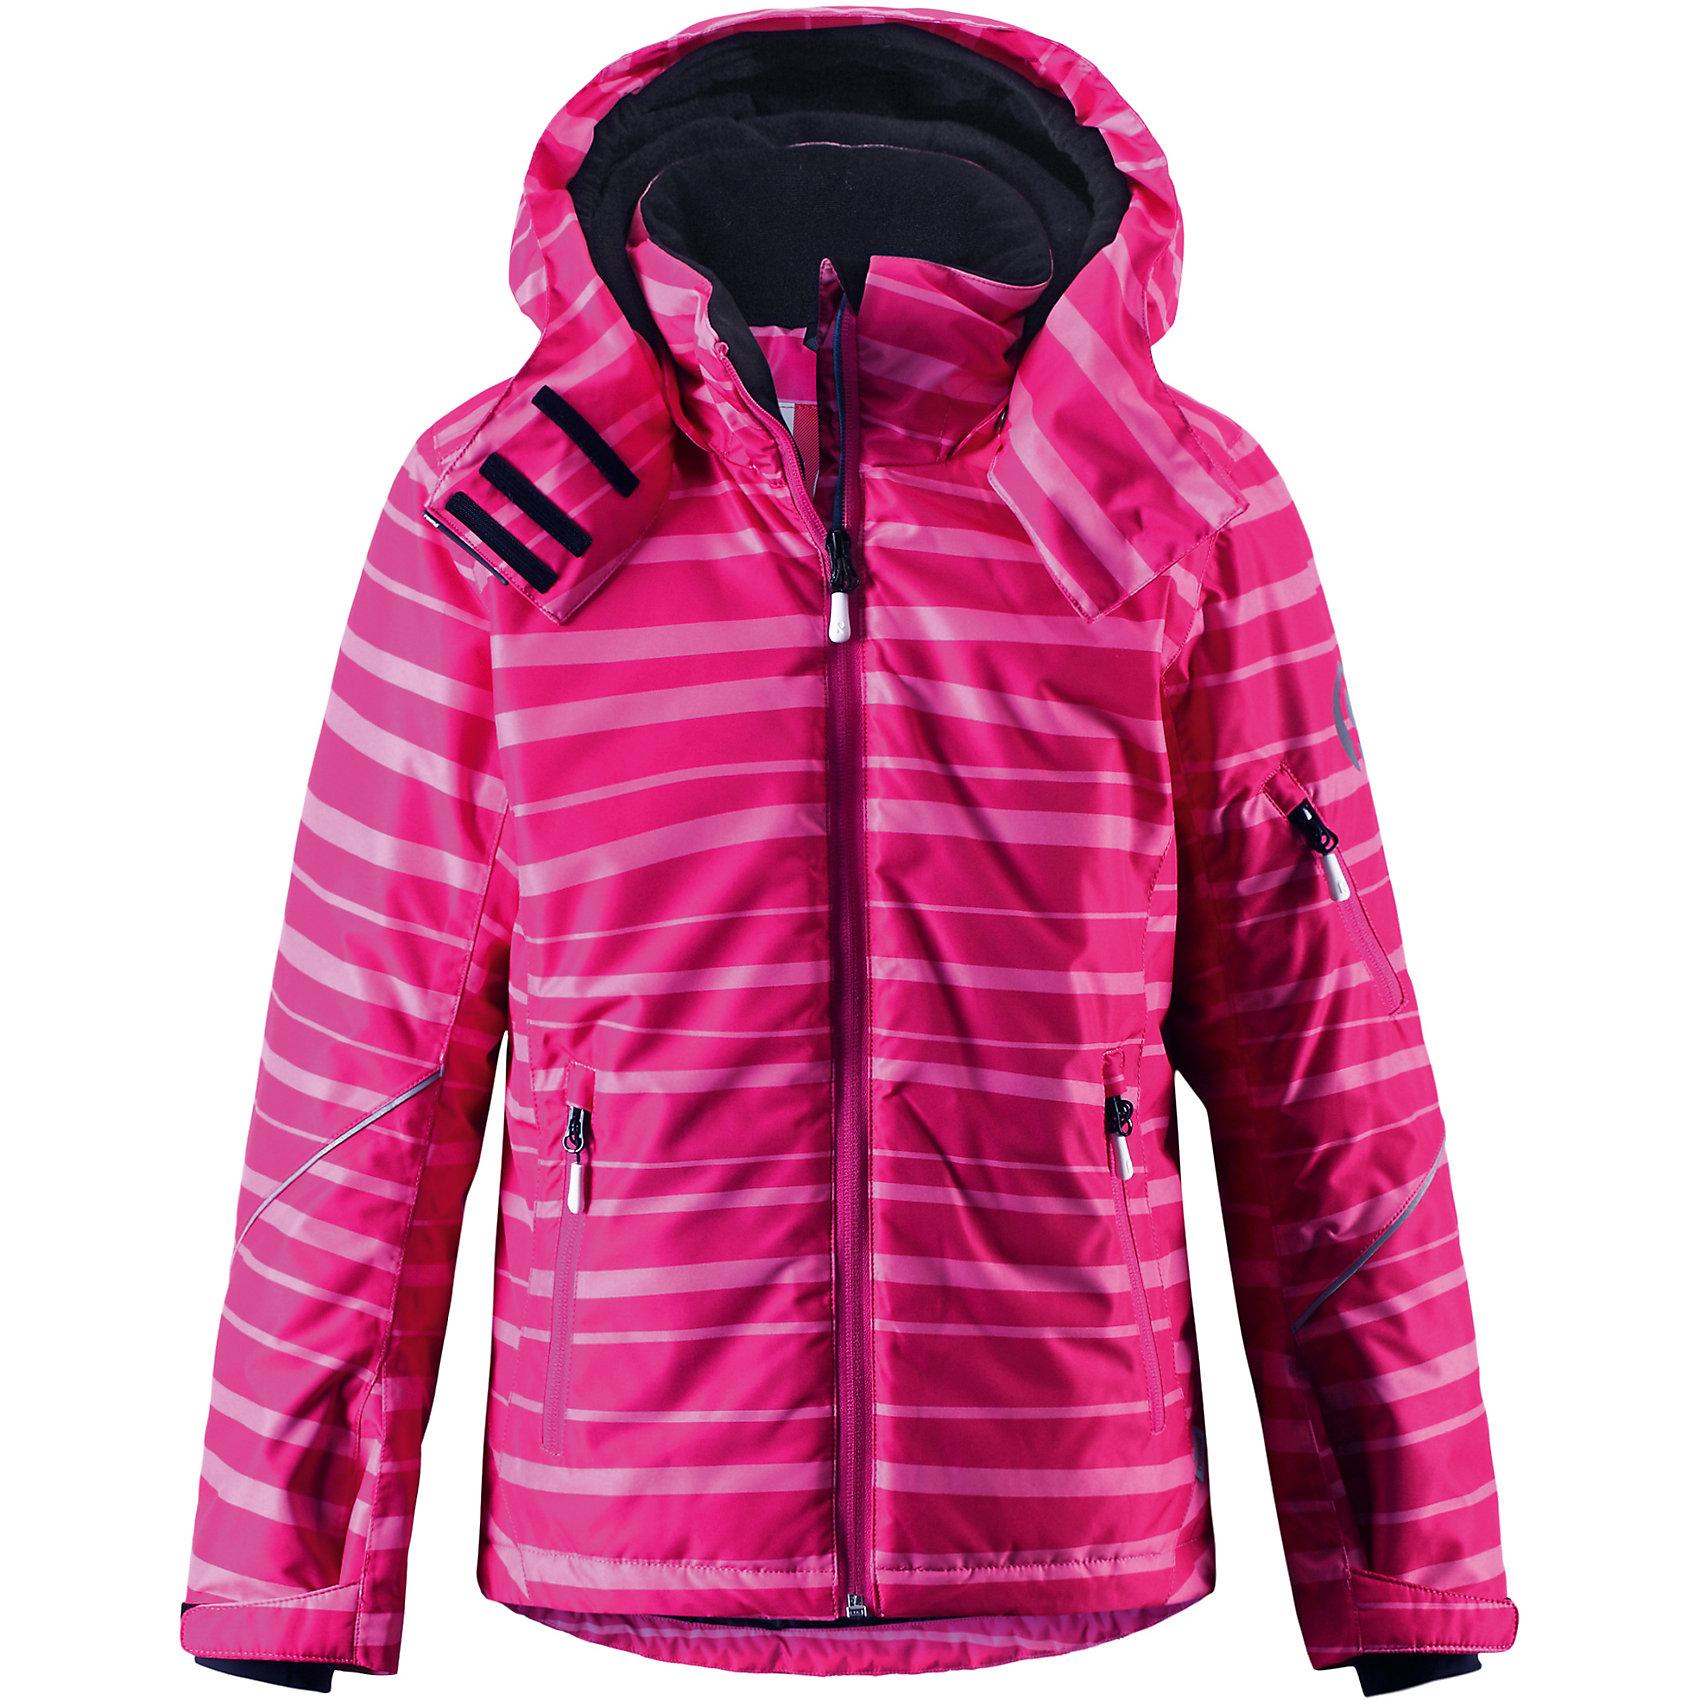 Куртка Glow ReimaОдежда<br>Зимняя куртка для подростков. Основные швы проклеены и не пропускают влагу. Водо- и ветронепроницаемый, «дышащий» и грязеотталкивающий материал. Крой для девочек. Гладкая подкладка из полиэстра.Безопасный, отстегивающийся и регулируемый капюшон. Регулируемые манжеты и внутренние манжеты из лайкры. Регулируемый подол, снегозащитный манжет на талии .Новая усовершенствованная молния — больше не застревает! Карманы на молнии, карман для skipass на рукаве. Карман для очков и внутренний нагрудный карман. Принт по всей поверхности .<br>Состав:<br>100% ПЭ, ПУ-покрытие<br><br>Ширина мм: 356<br>Глубина мм: 10<br>Высота мм: 245<br>Вес г: 519<br>Цвет: розовый<br>Возраст от месяцев: 108<br>Возраст до месяцев: 120<br>Пол: Унисекс<br>Возраст: Детский<br>Размер: 140,104,128,134<br>SKU: 5309298